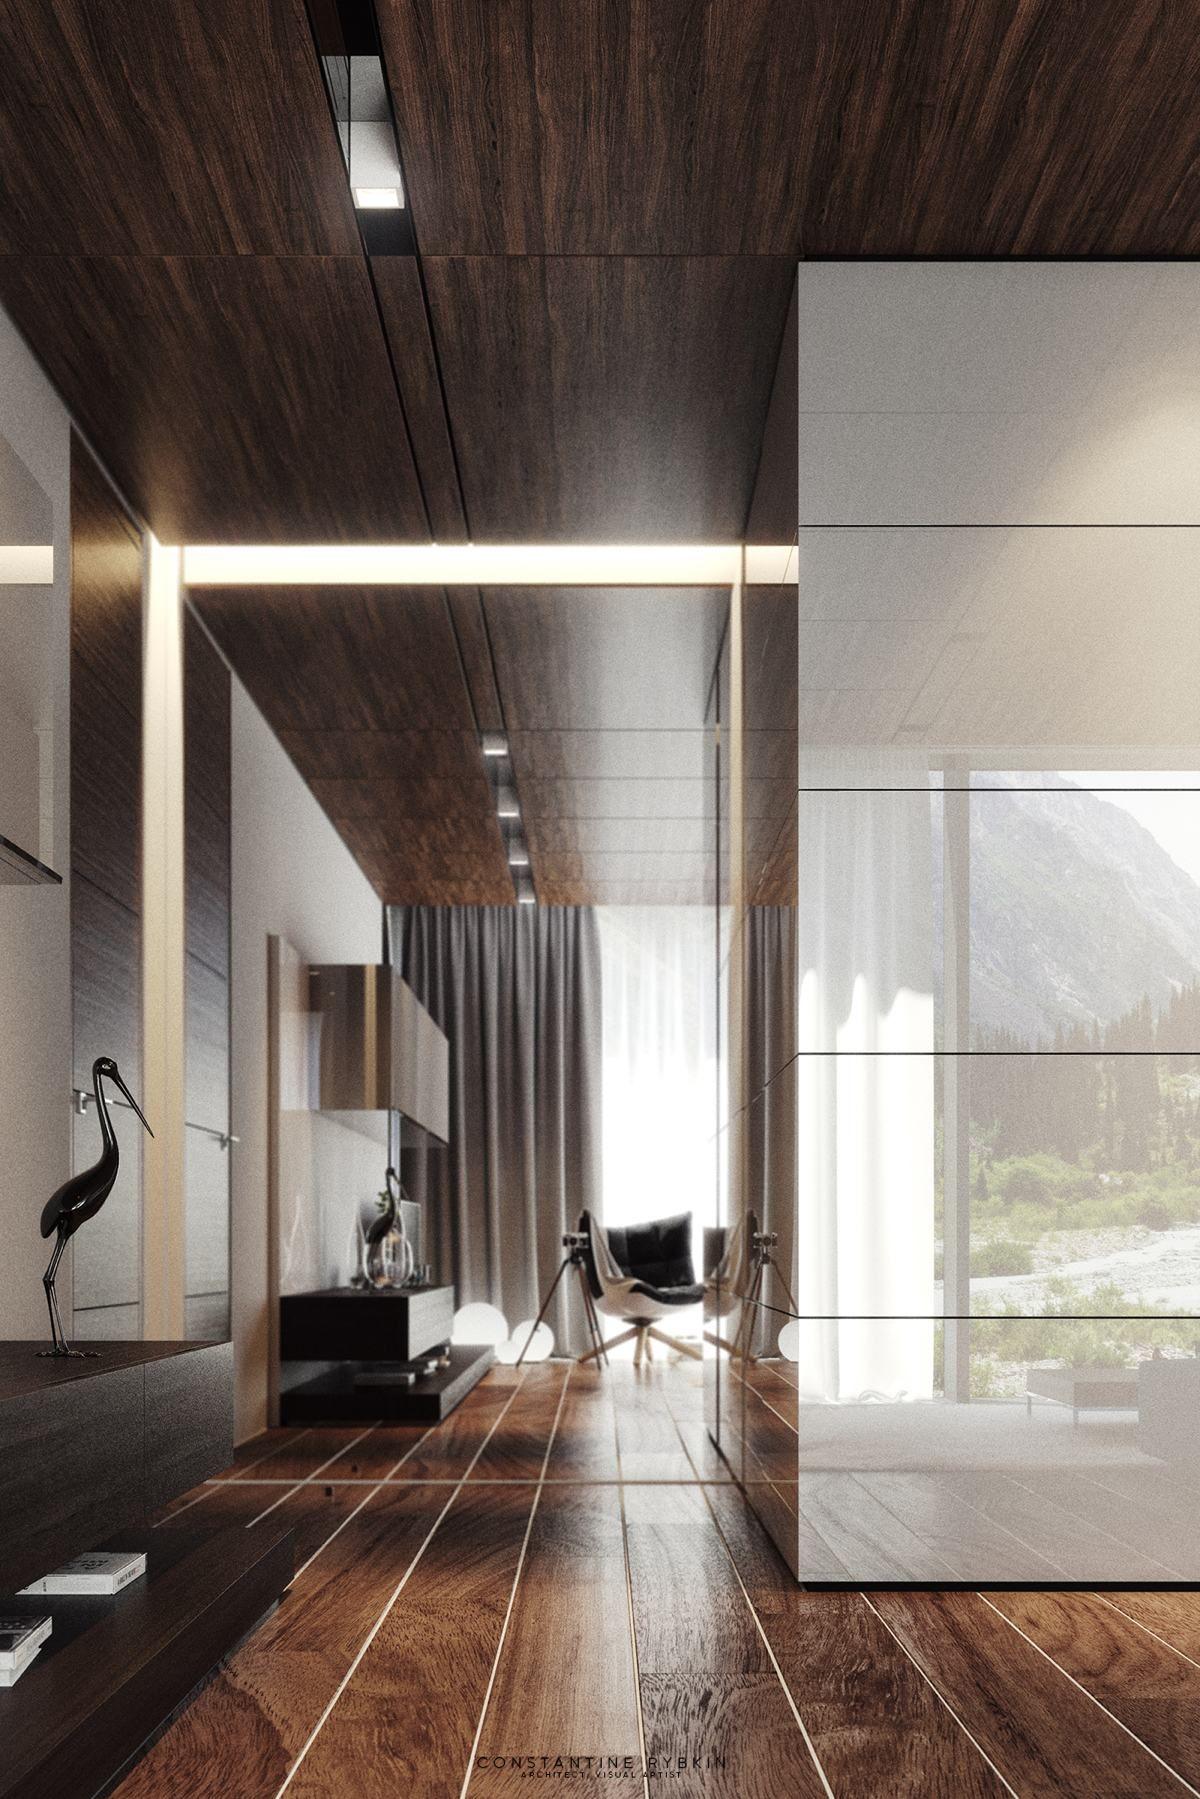 5 Wohnzimmer Die Stilvolle Moderne Designtrends Demonstrieren